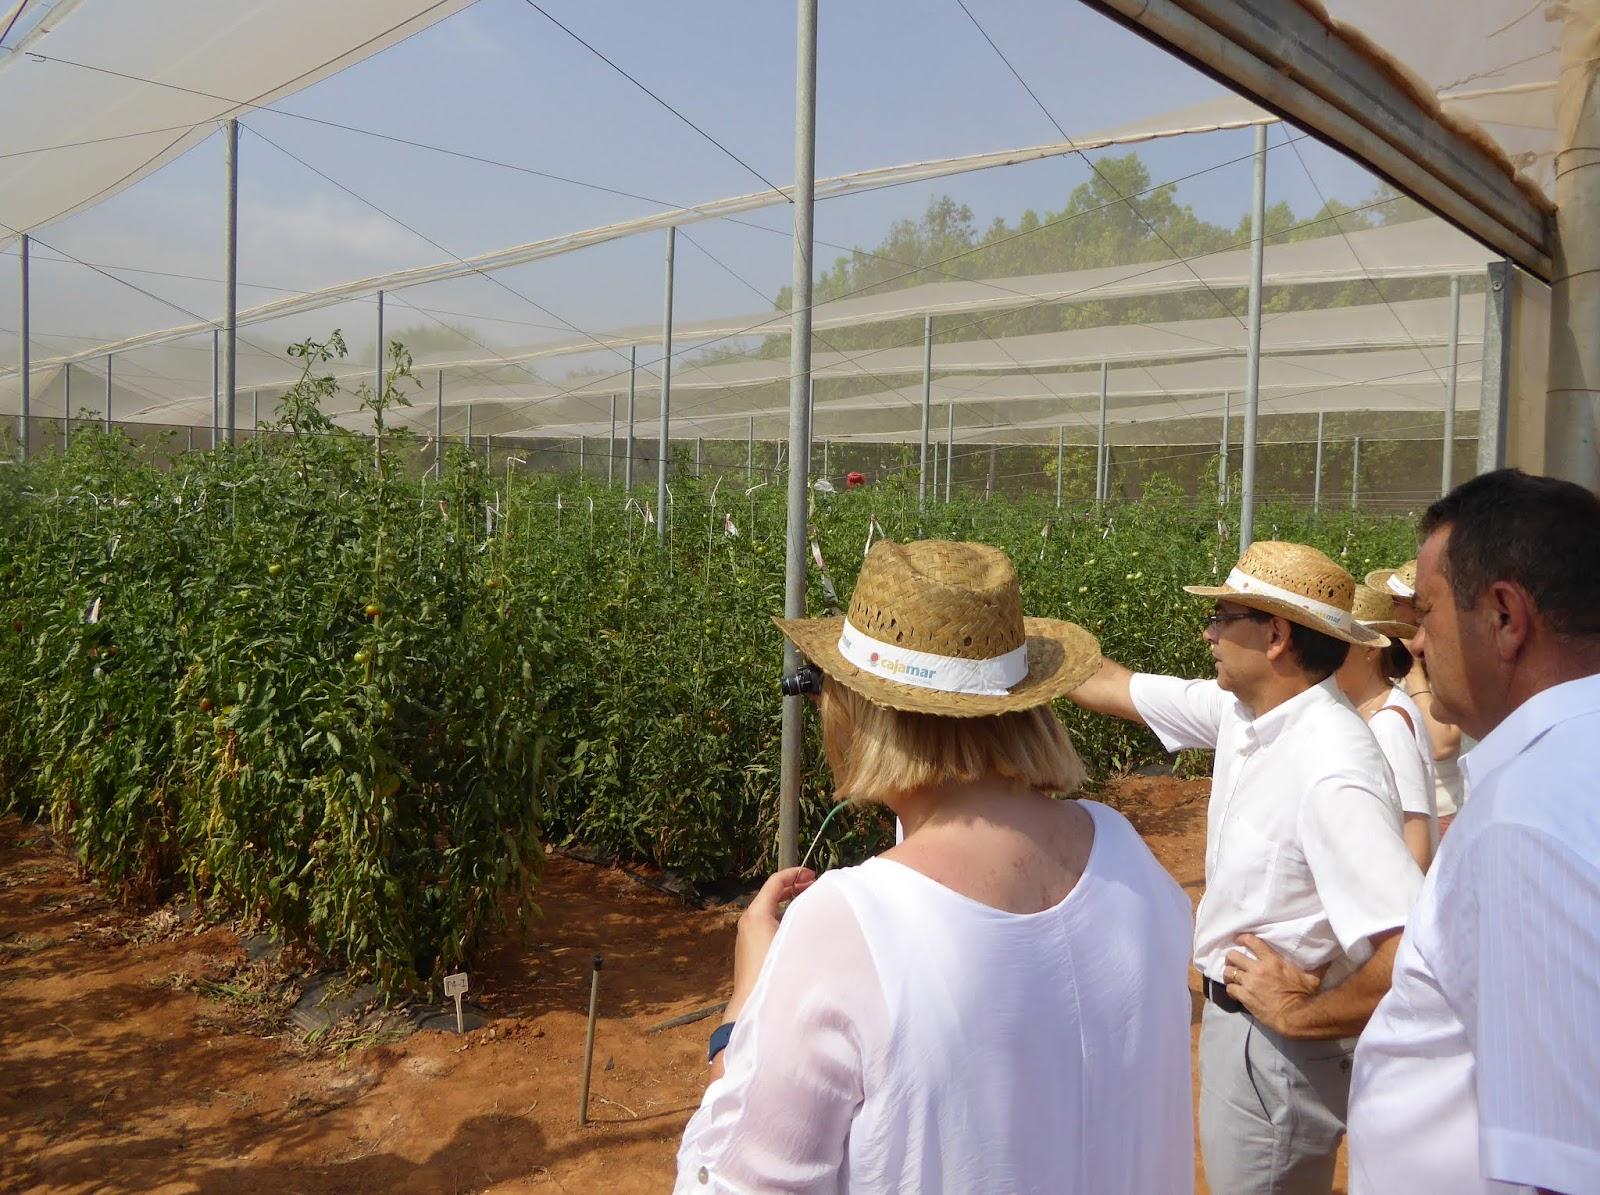 Thm tecnolog as de la horticultura mediterr nea se - Variedades de berenjenas ...